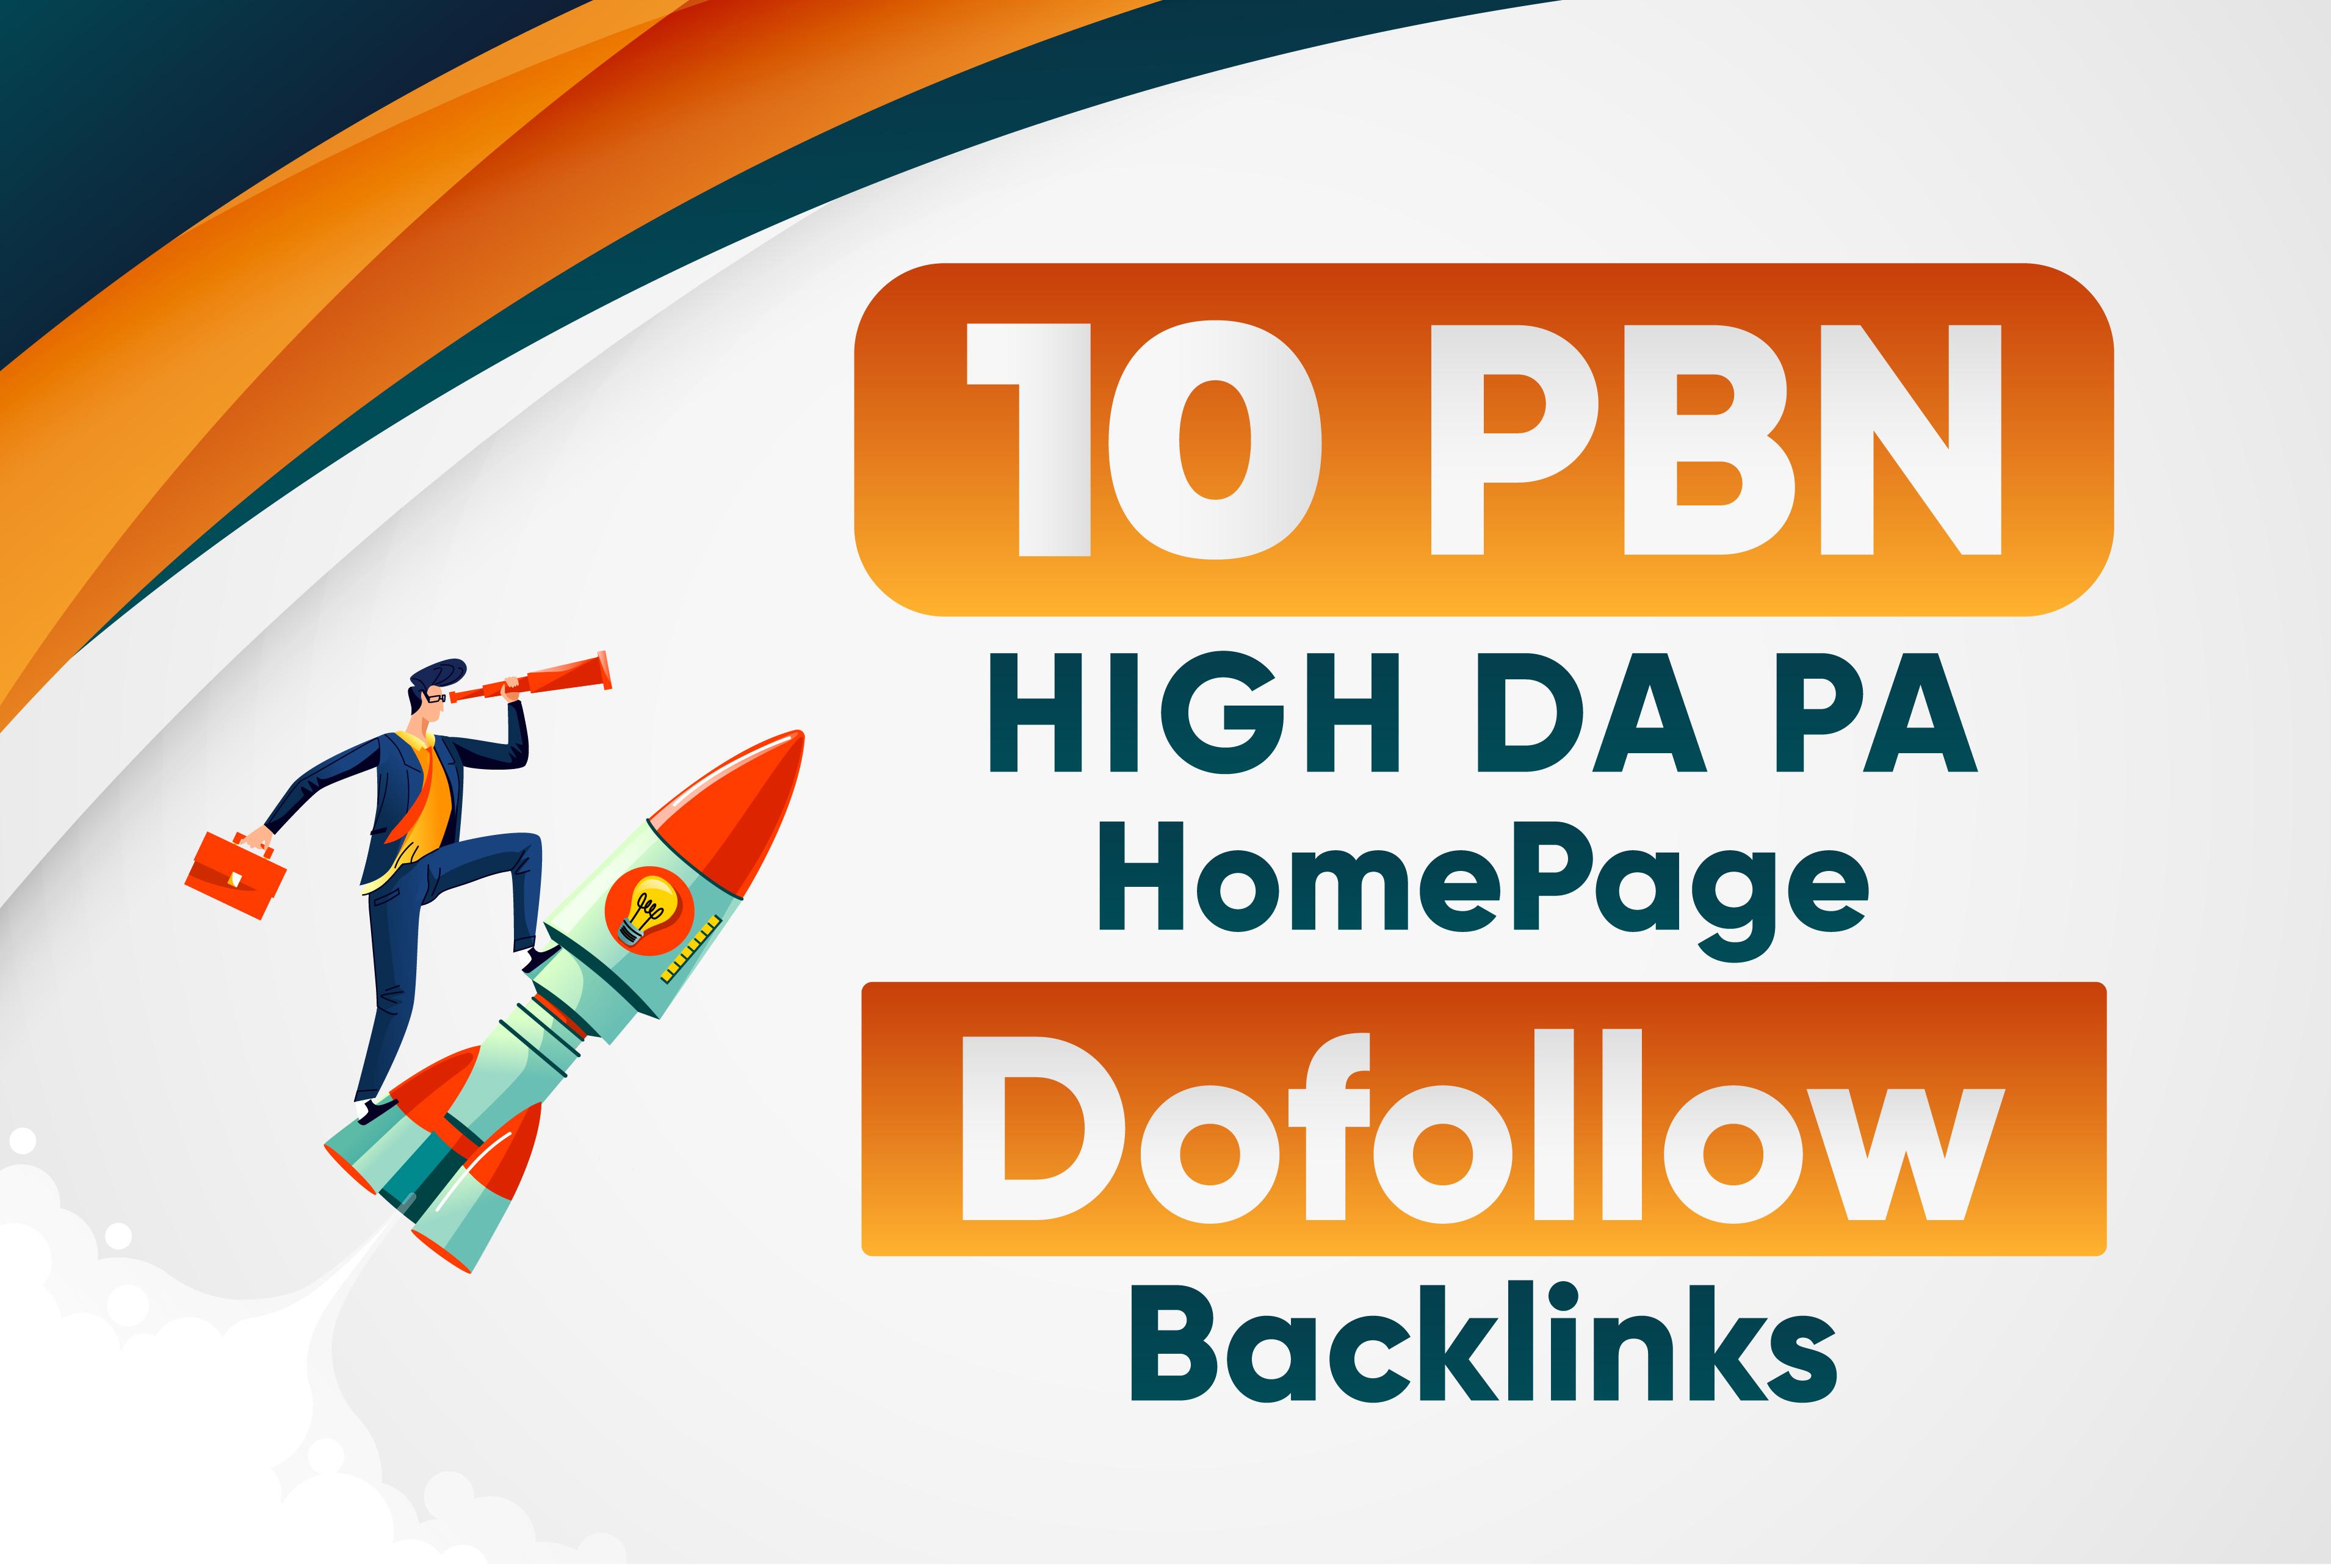 Build 10 High DA PA Homepage PBN Dofollow Backlinks